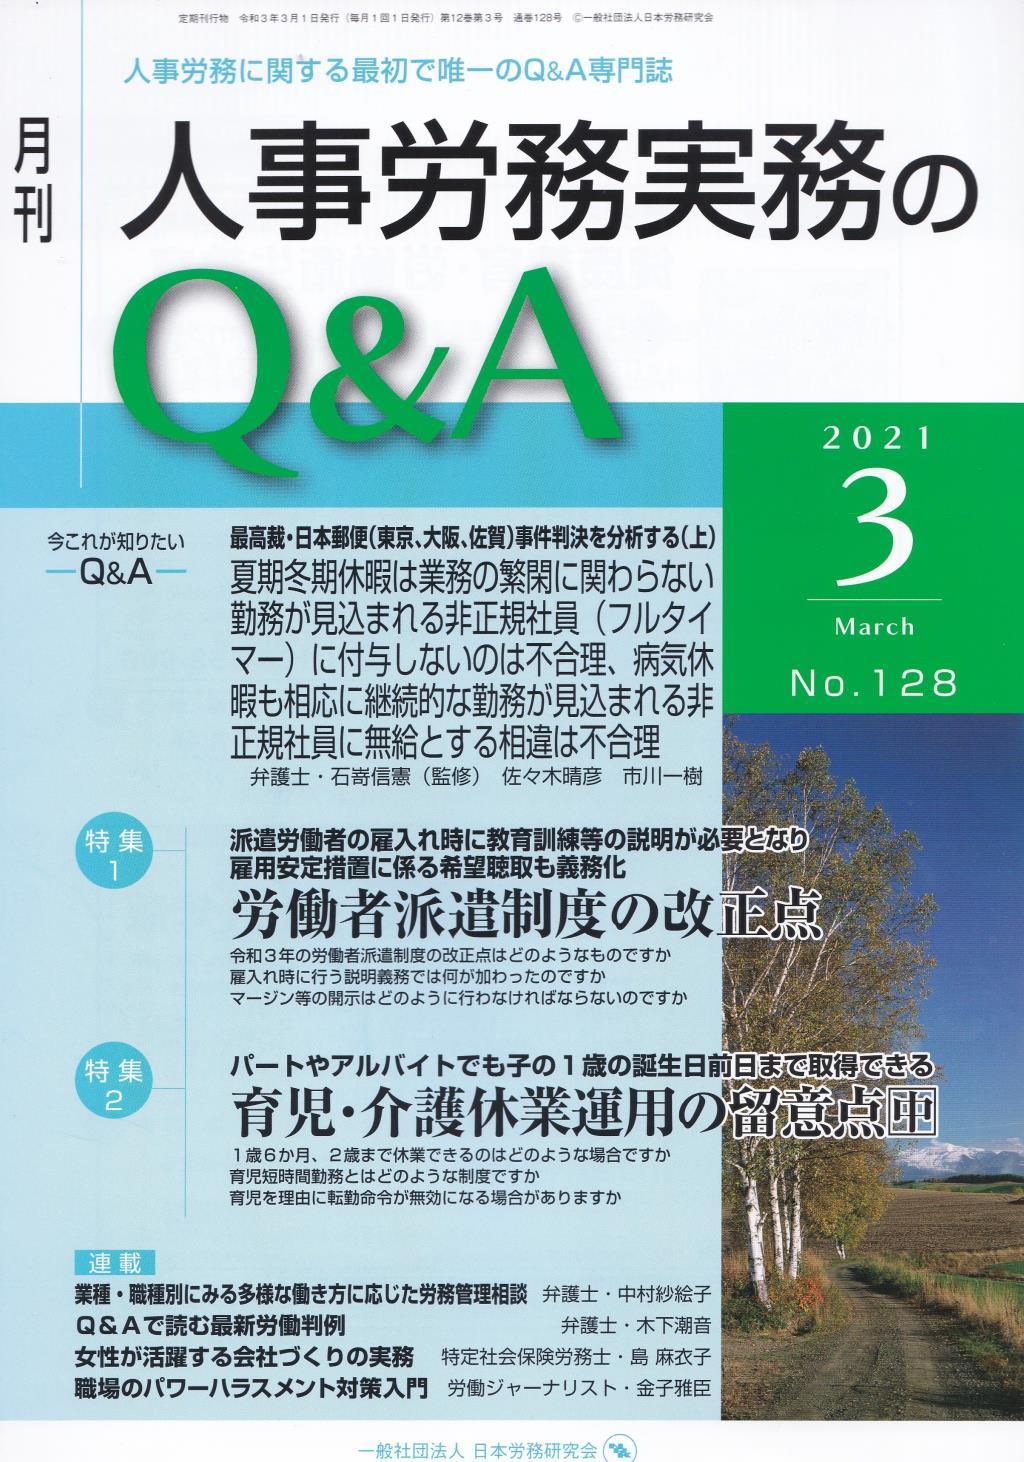 月刊 人事労務実務のQ&A 2021年3月号 No.128